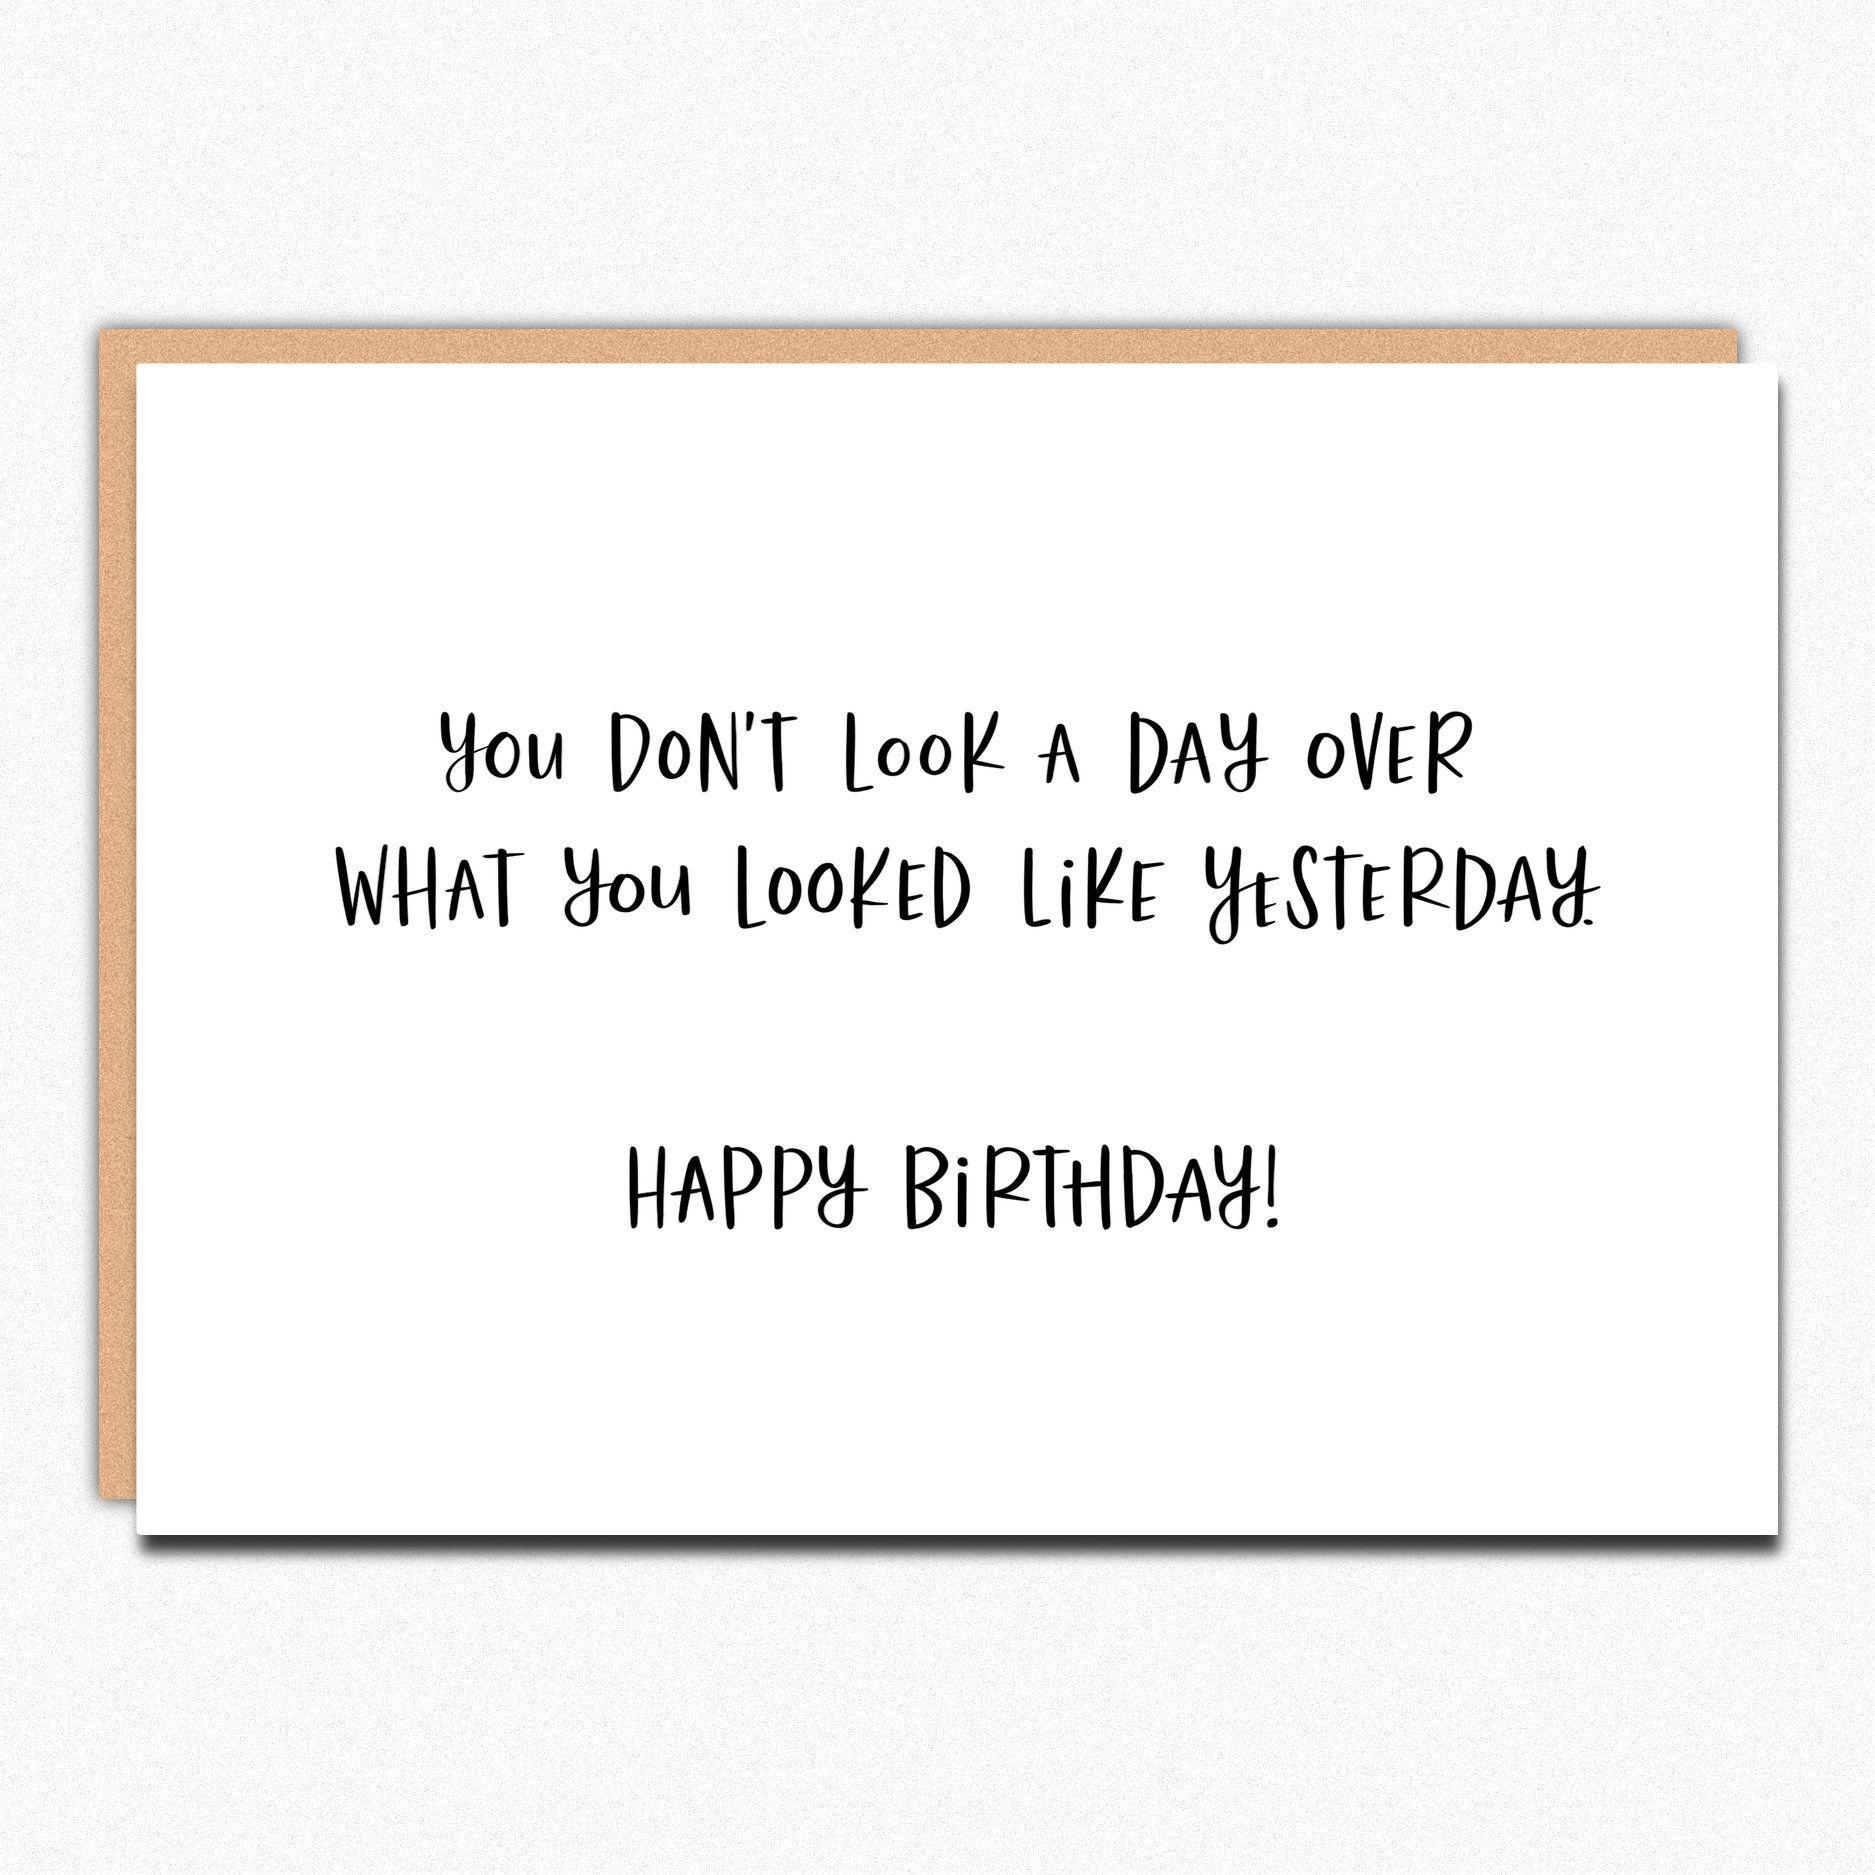 Funny Birthday Card Coworker Friend Birthday Card Sarcastic Sarcastic Birthday Birthday Cards Funny Friend Birthday Cards For Friends